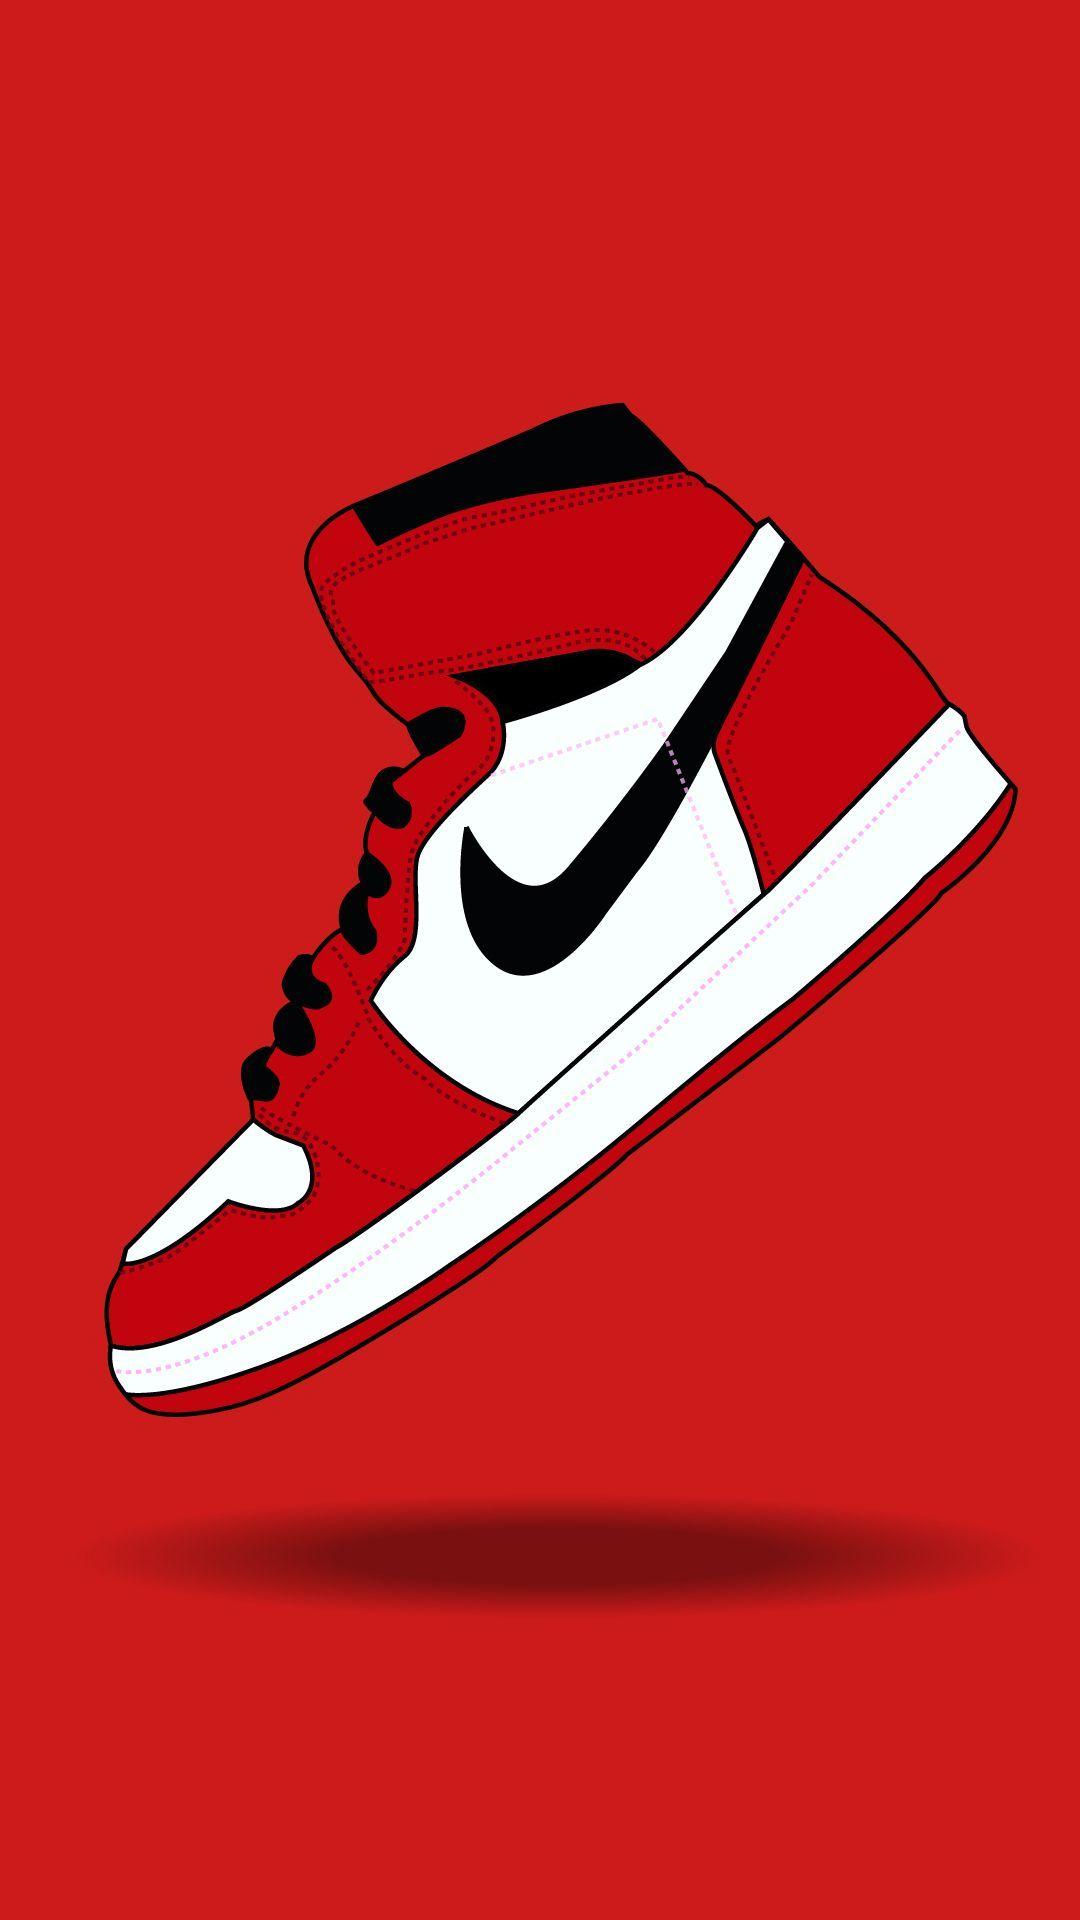 Nike Red Phone Wallpaper Nike Wallpaper Sneakers Wallpaper Jordan Shoes Wallpaper